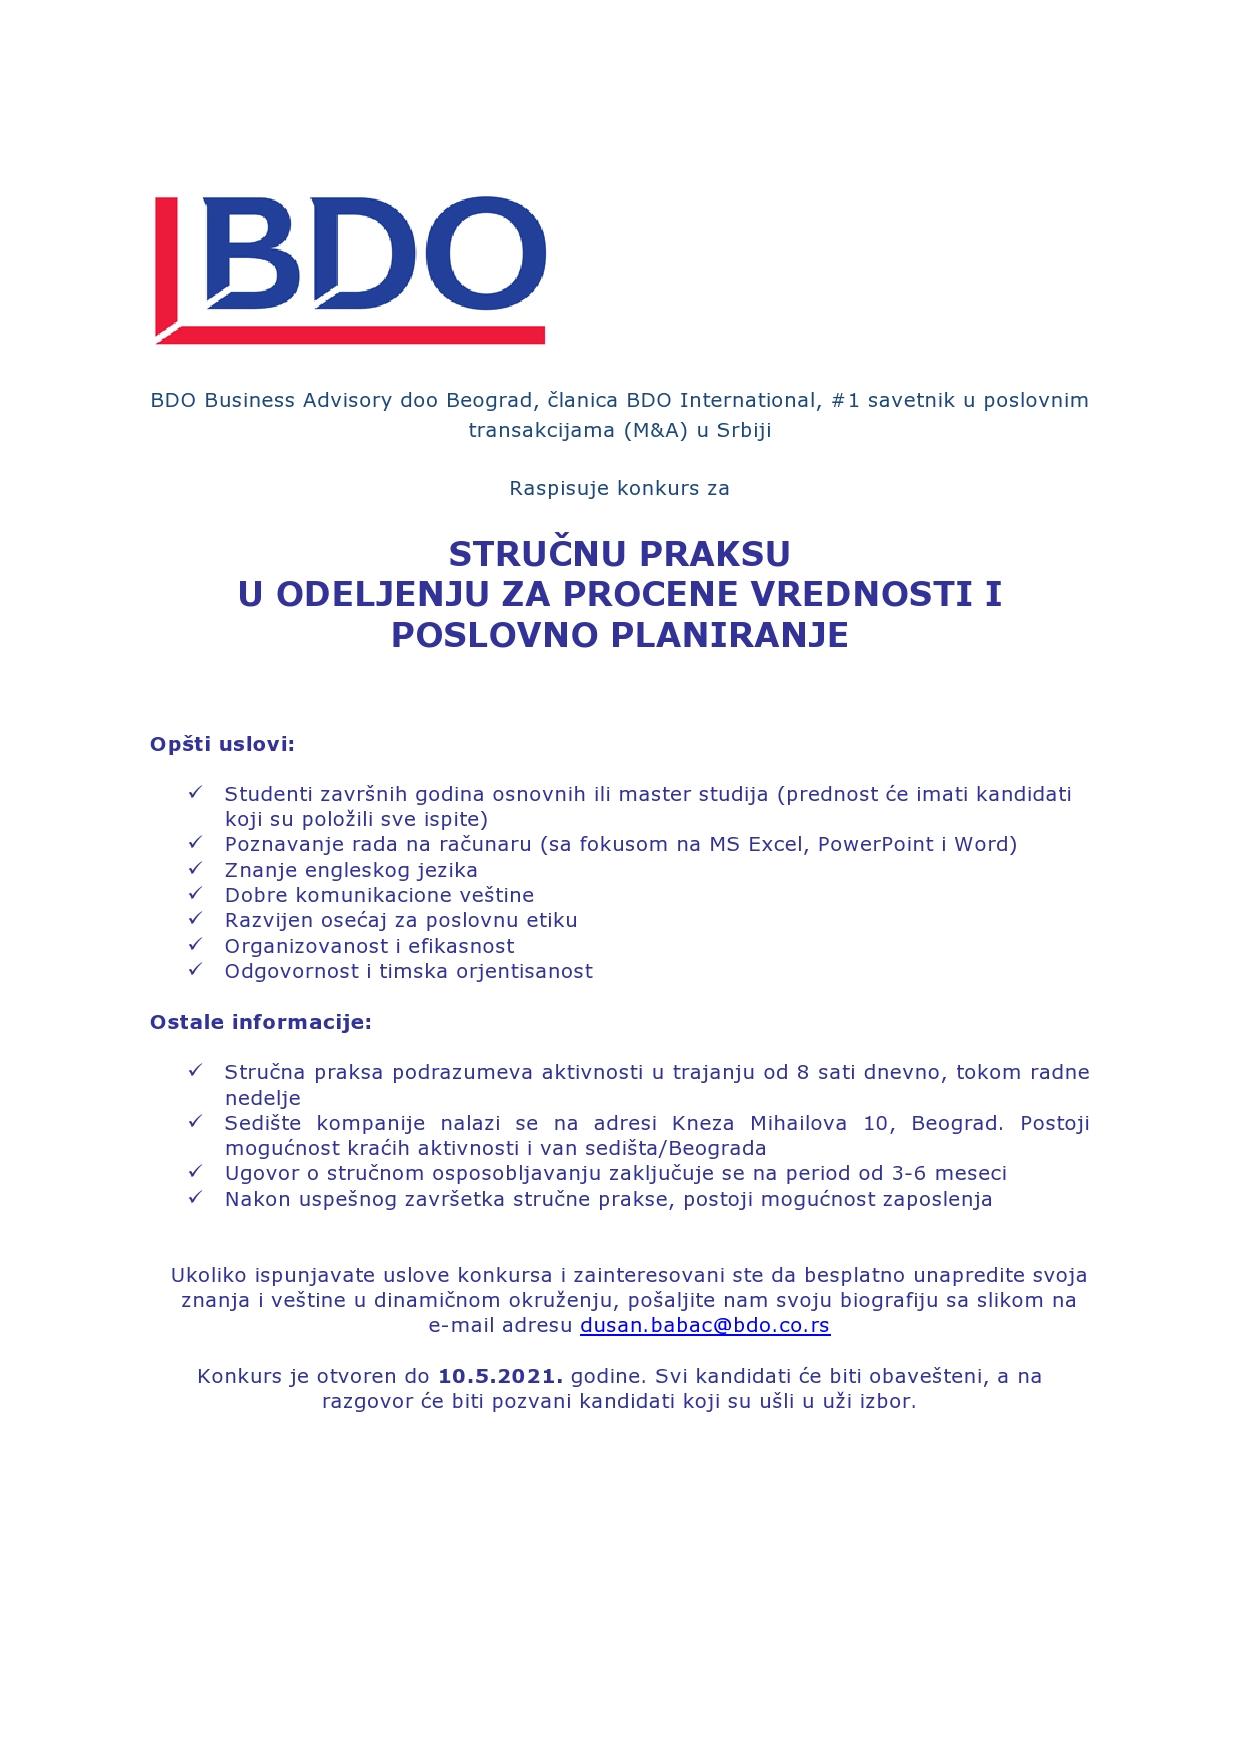 OGLAS STRUCNA PRAKSA MA Oct SREDJEN 2021-page0001